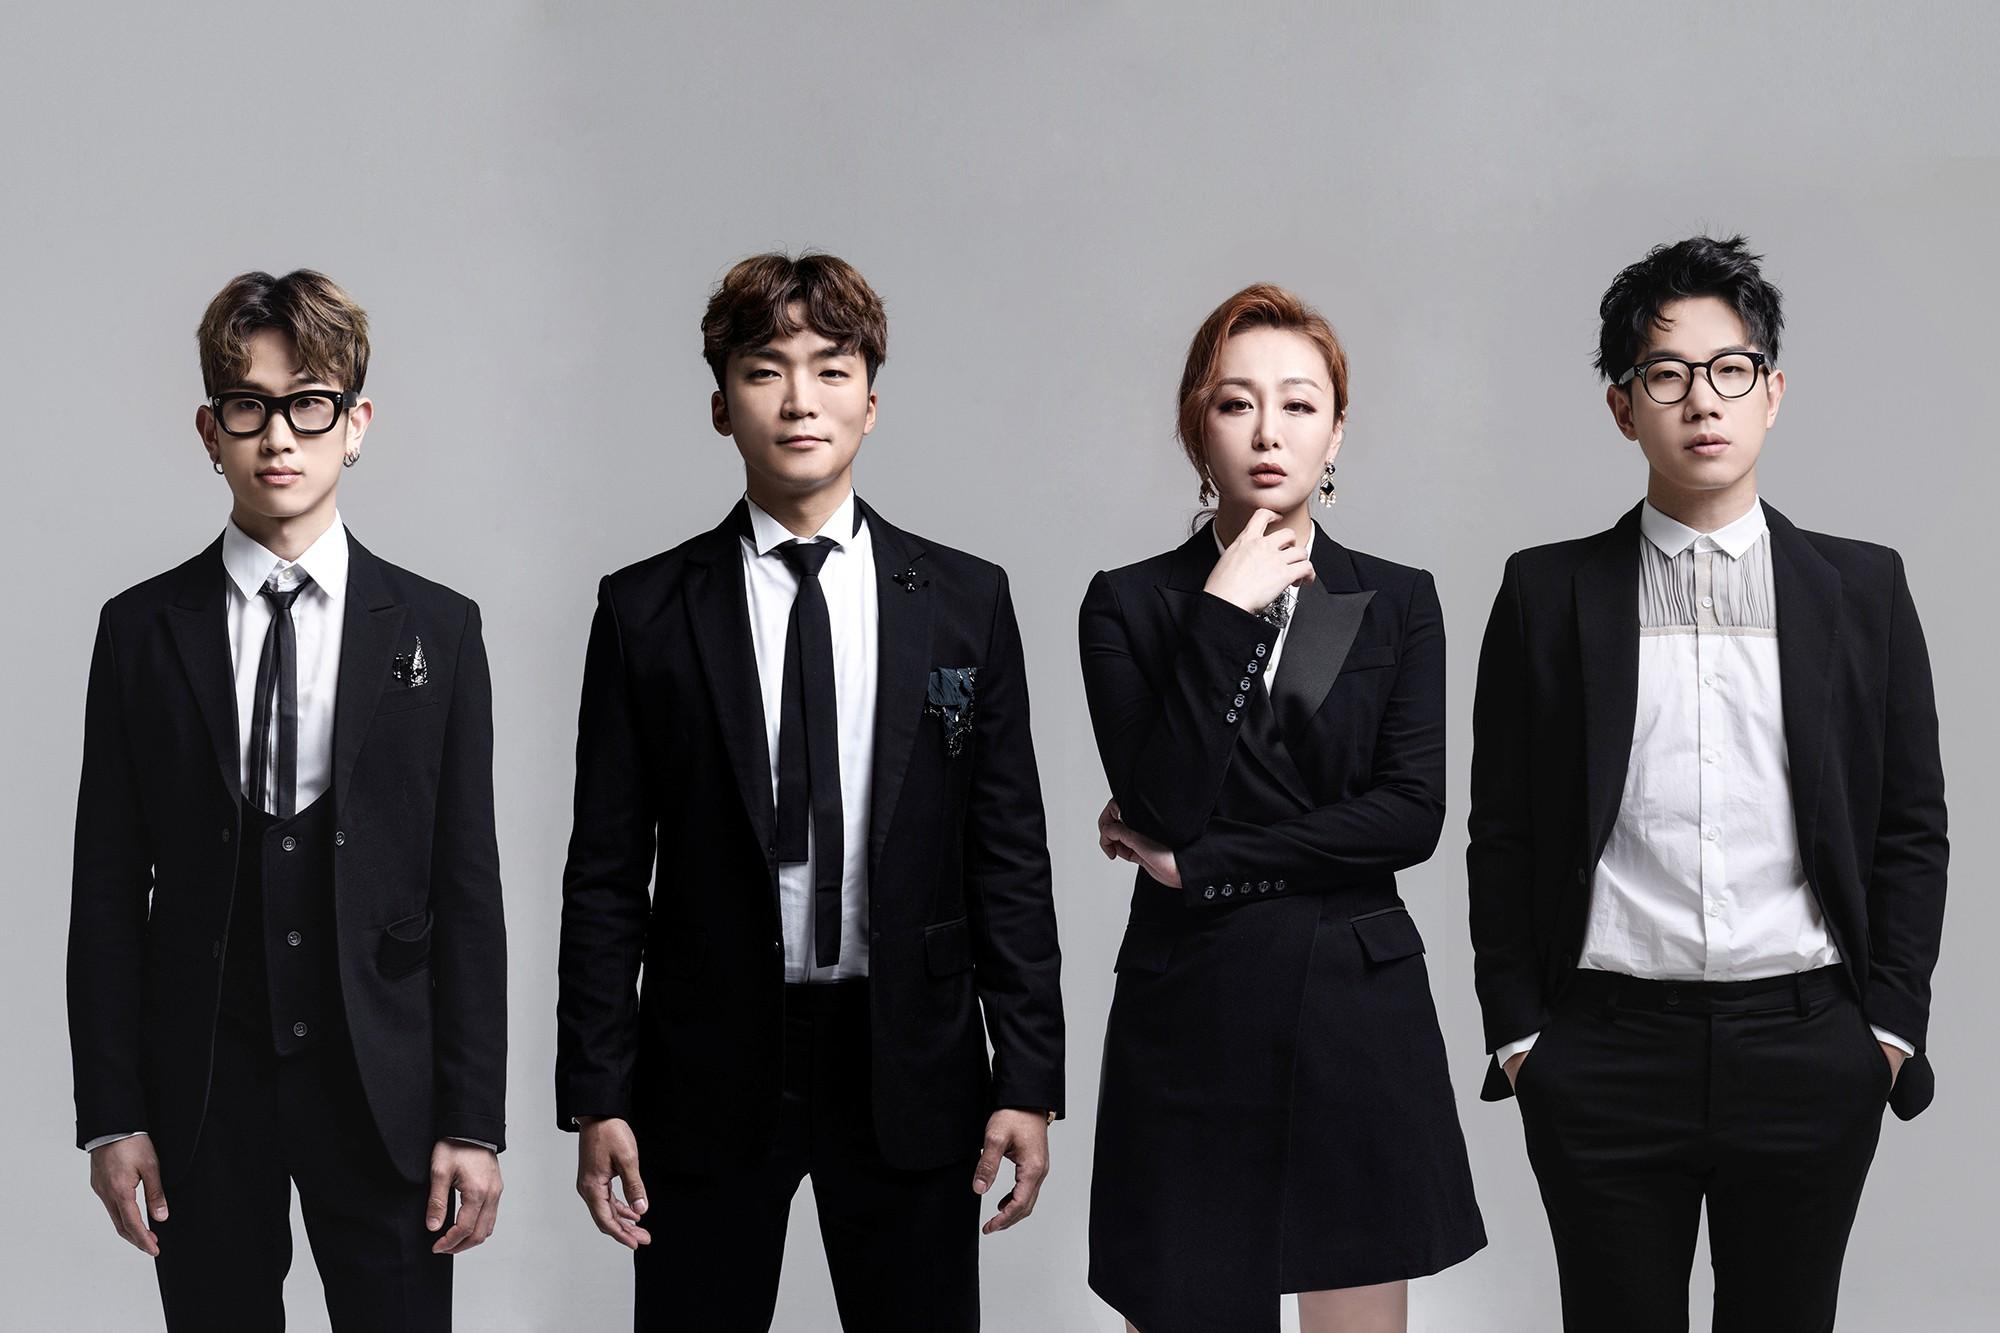 밴드 몽니, 올가을 정규 5집 발매